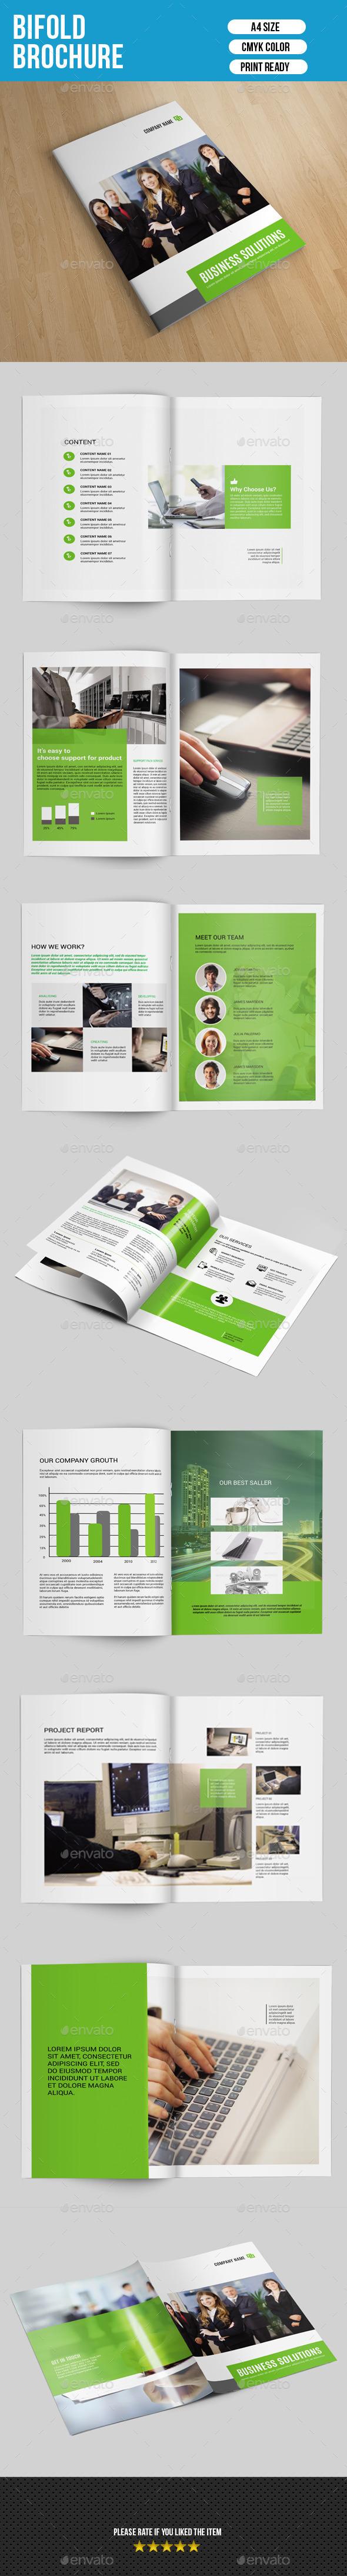 Corporate Bifold Brochure-V167 - Corporate Brochures